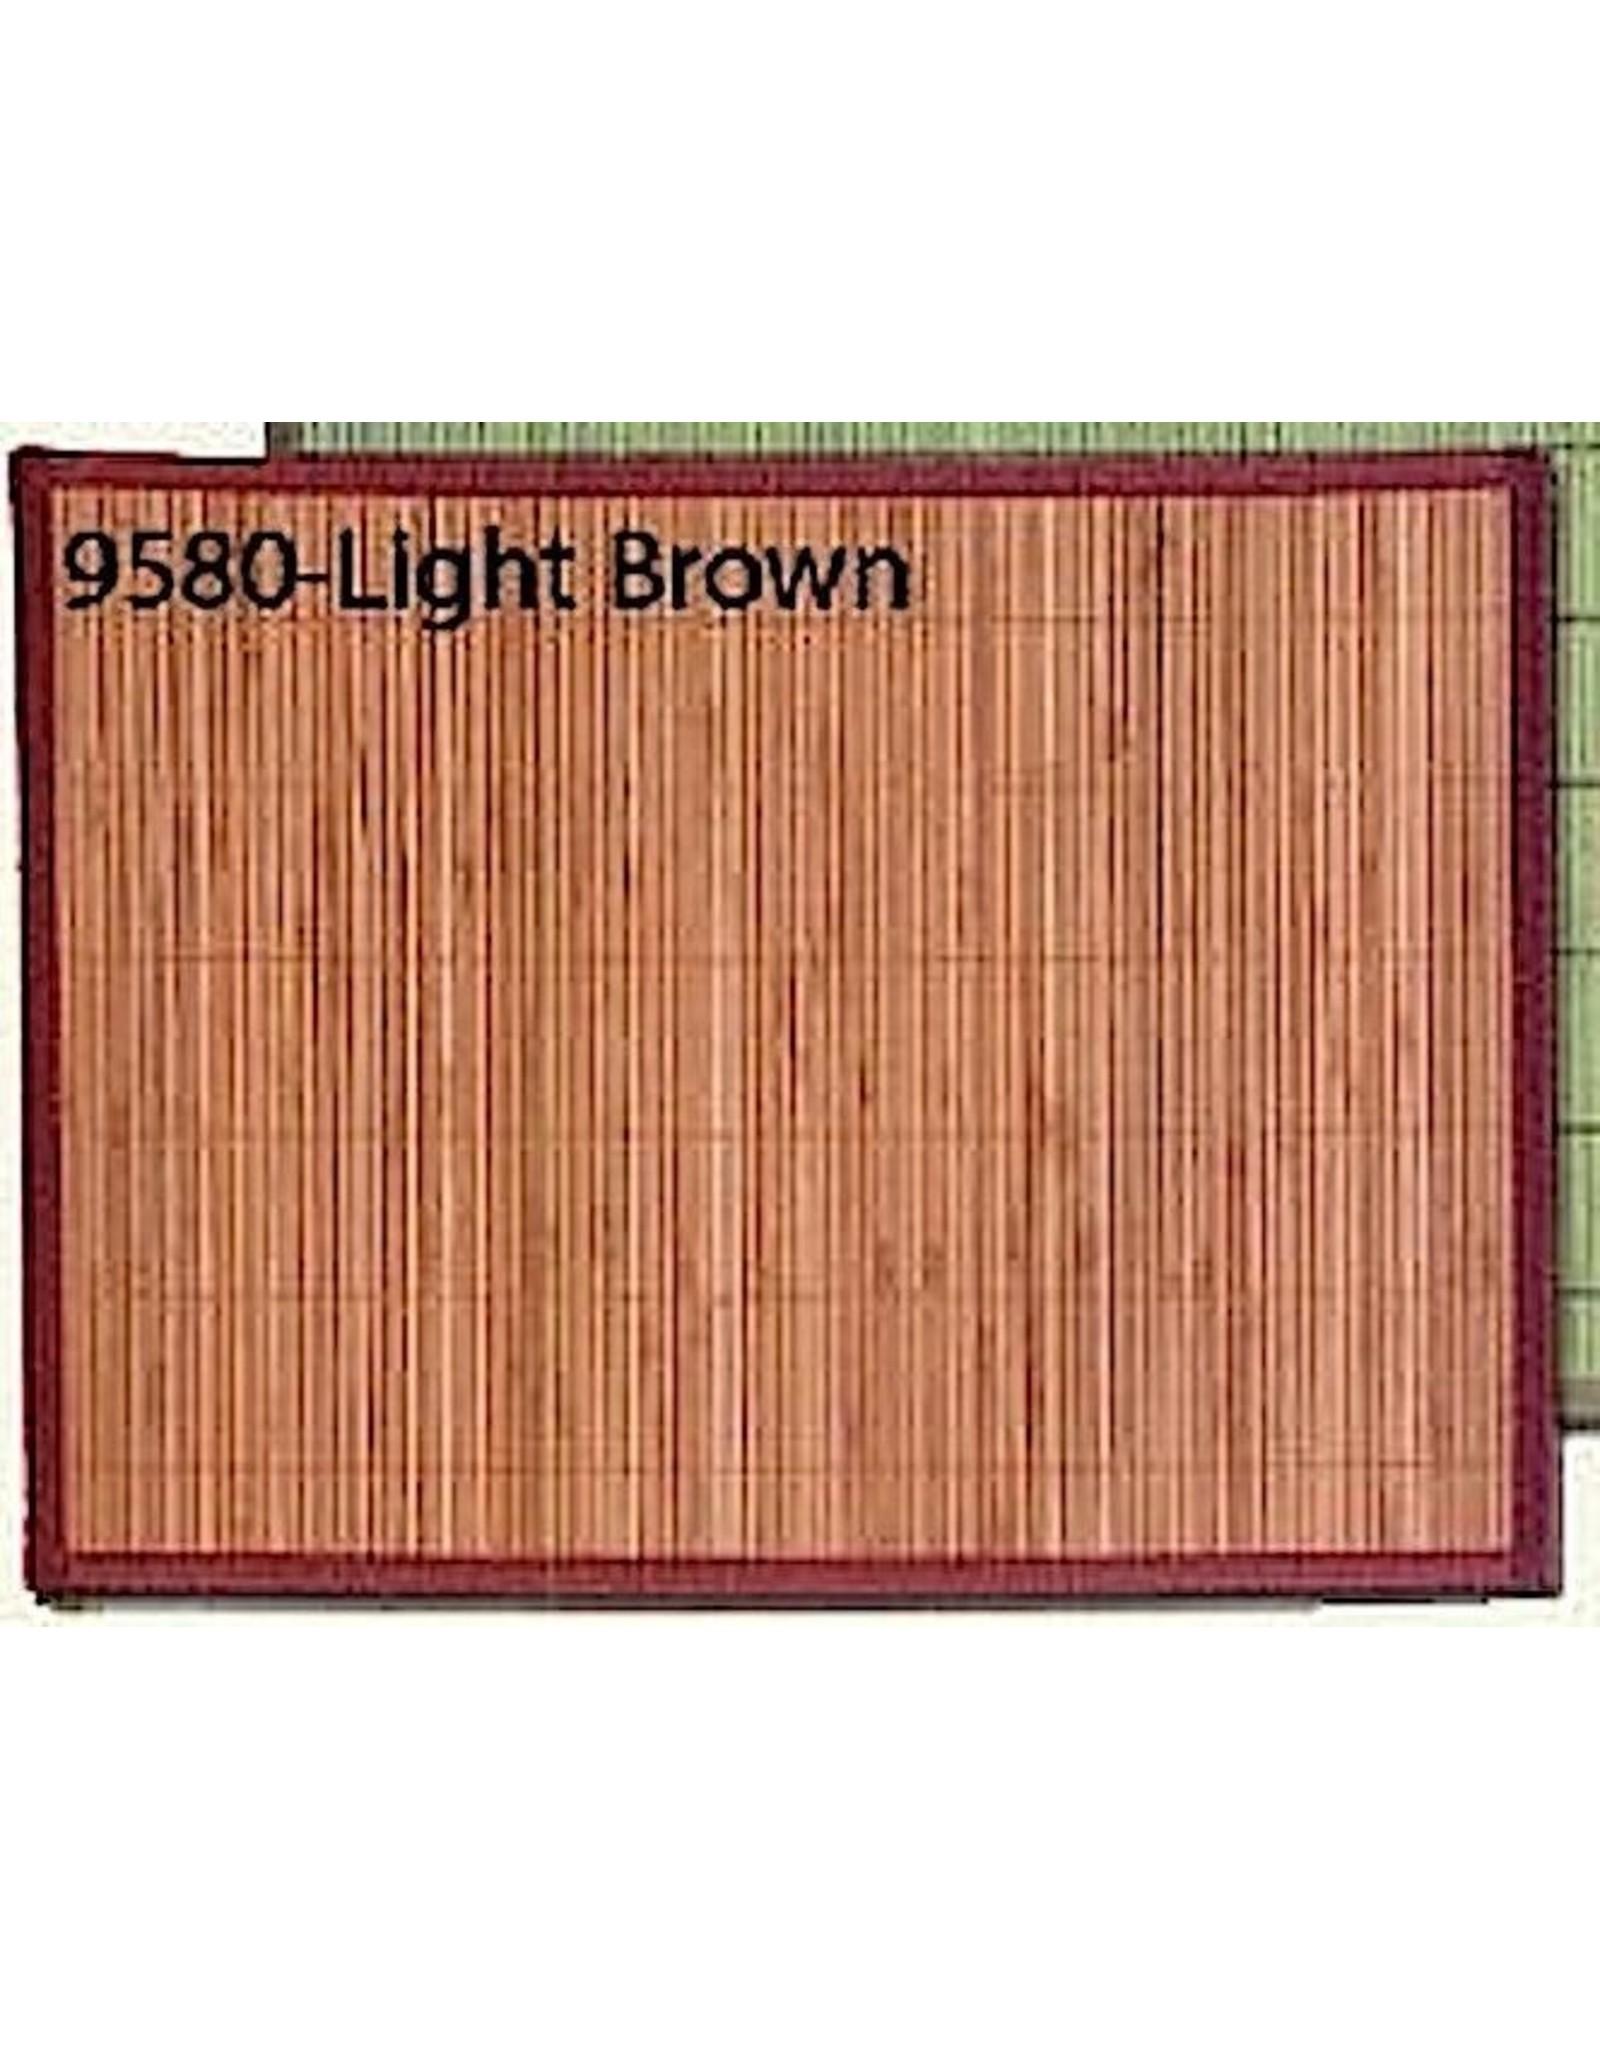 Bamboo Rectangular Placemat Lt Brown